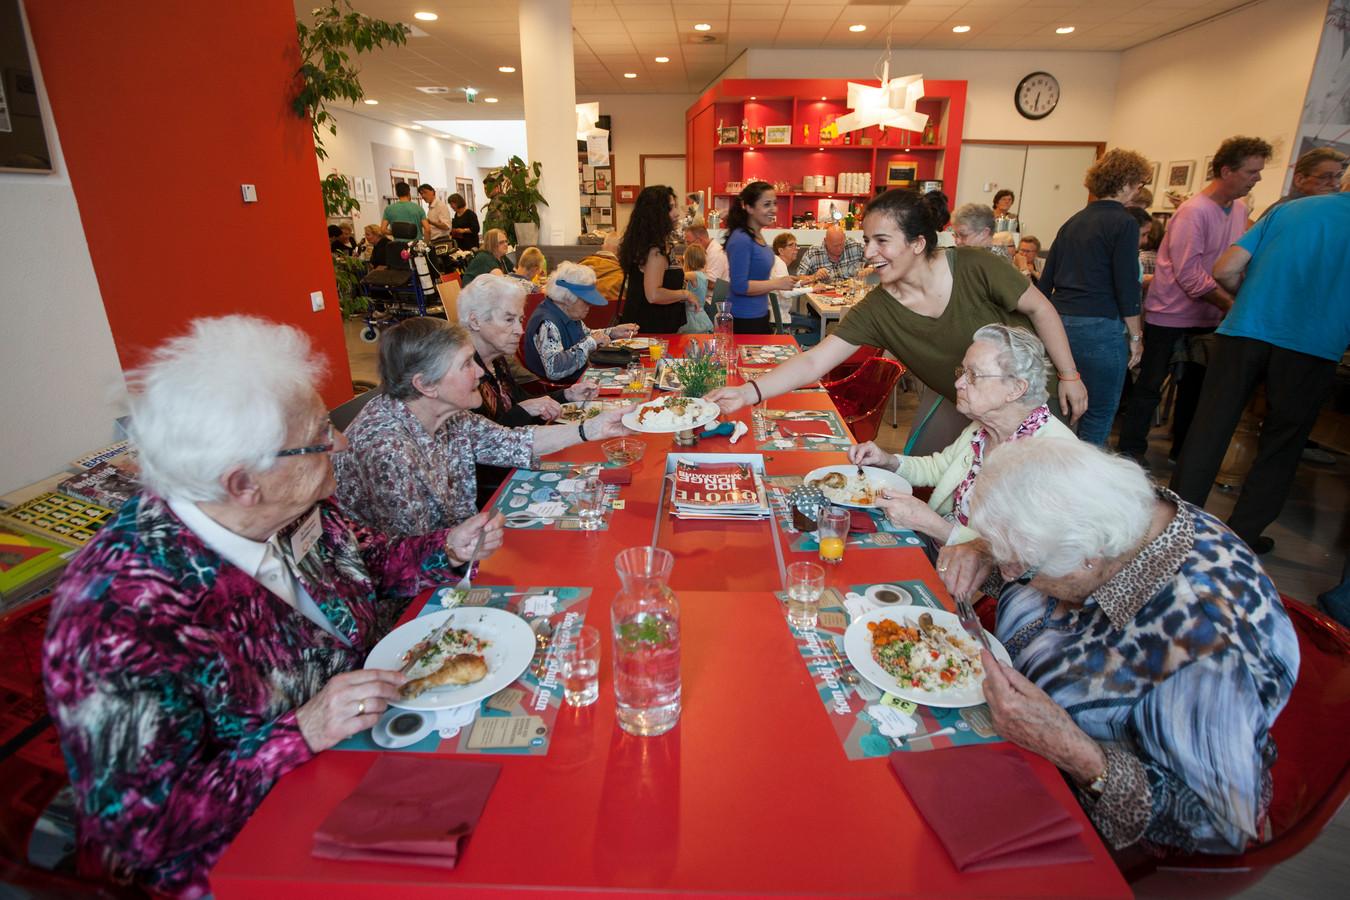 Archiefbeeld: De Syrische Nouran Breem geeft een bord met eten aan in wijkcentrum Waterkracht.  Negentig mensen schoven aan de Tafel van Samen in Waterkracht in Zutphen aan. Syrische koks bereidden samen met Nederlandse vrijwilligers het diner voor alle gasten.